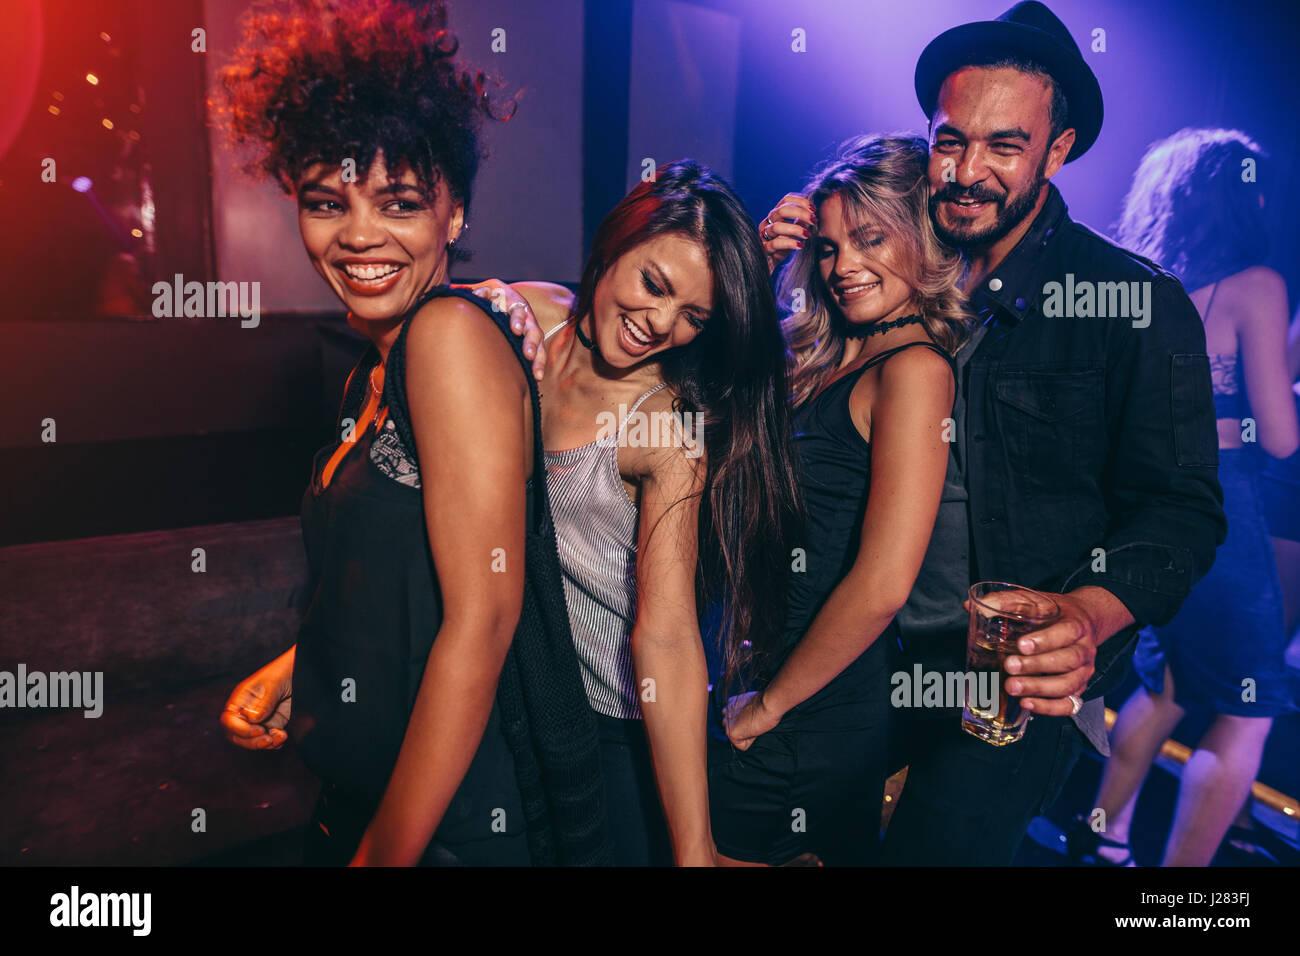 Jeune homme et femme bénéficiant d'une partie à une discothèque. Groupe d'amis dancing Photo Stock